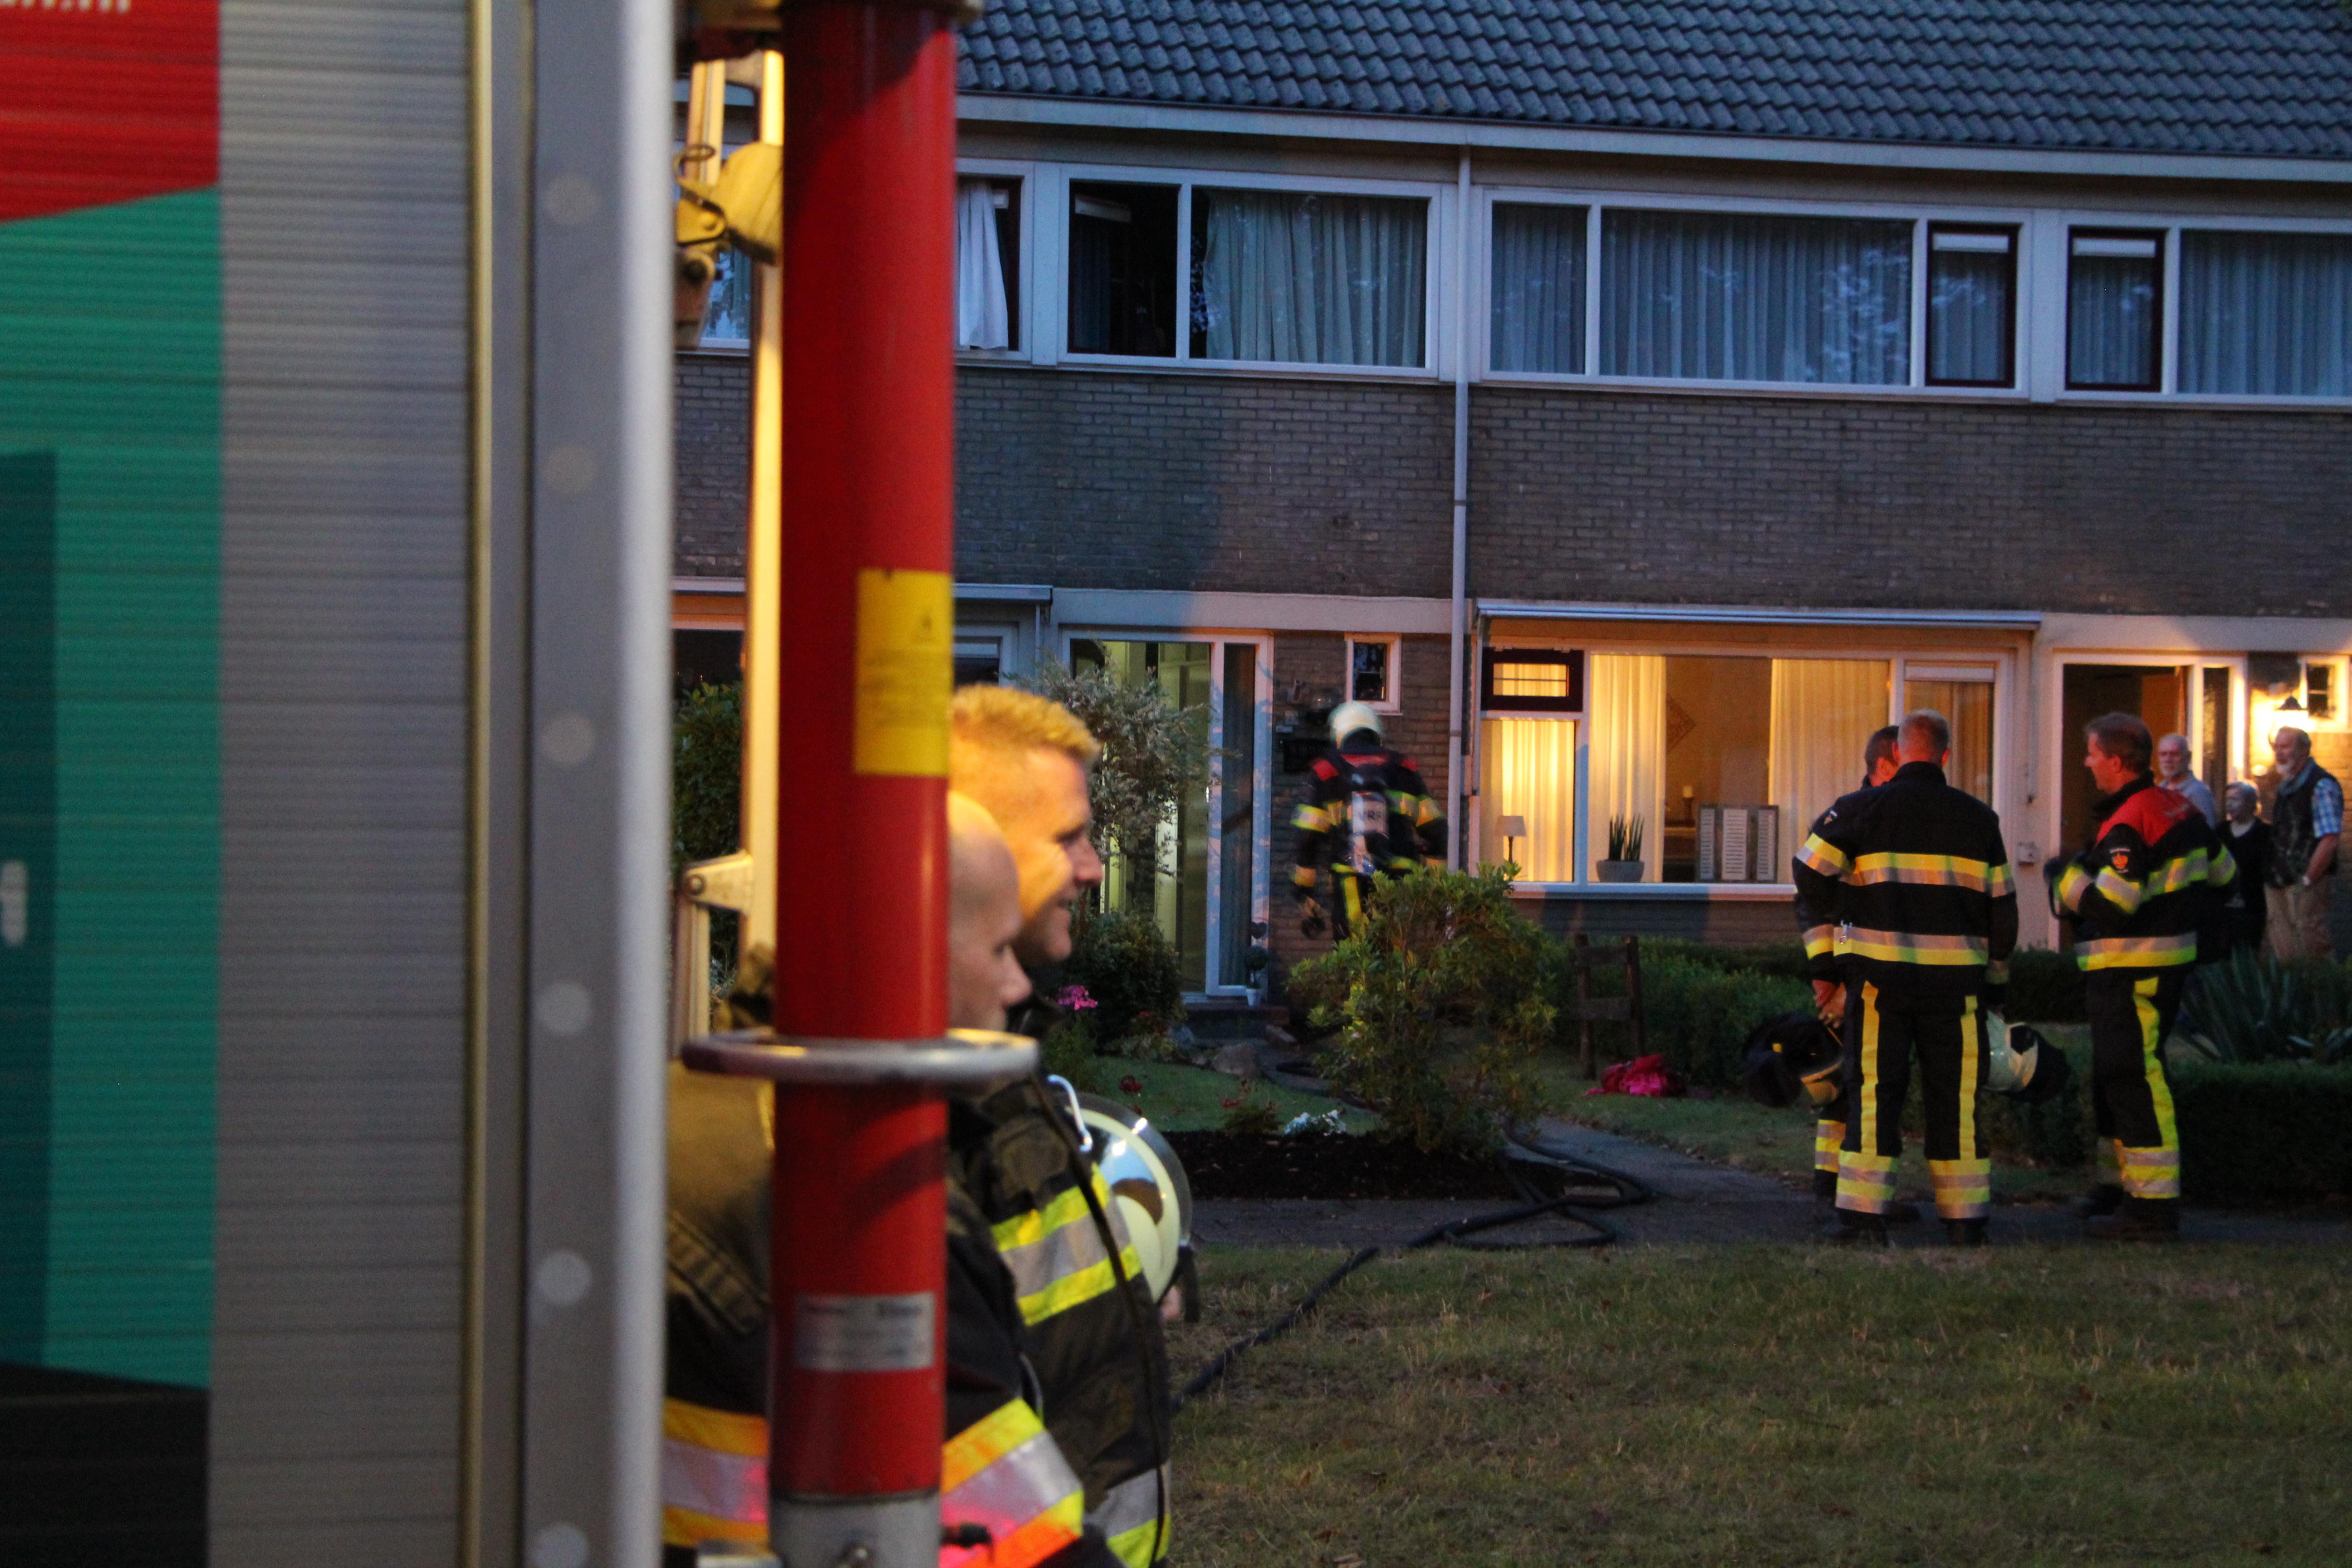 bewoonster gewond bij keuken brand